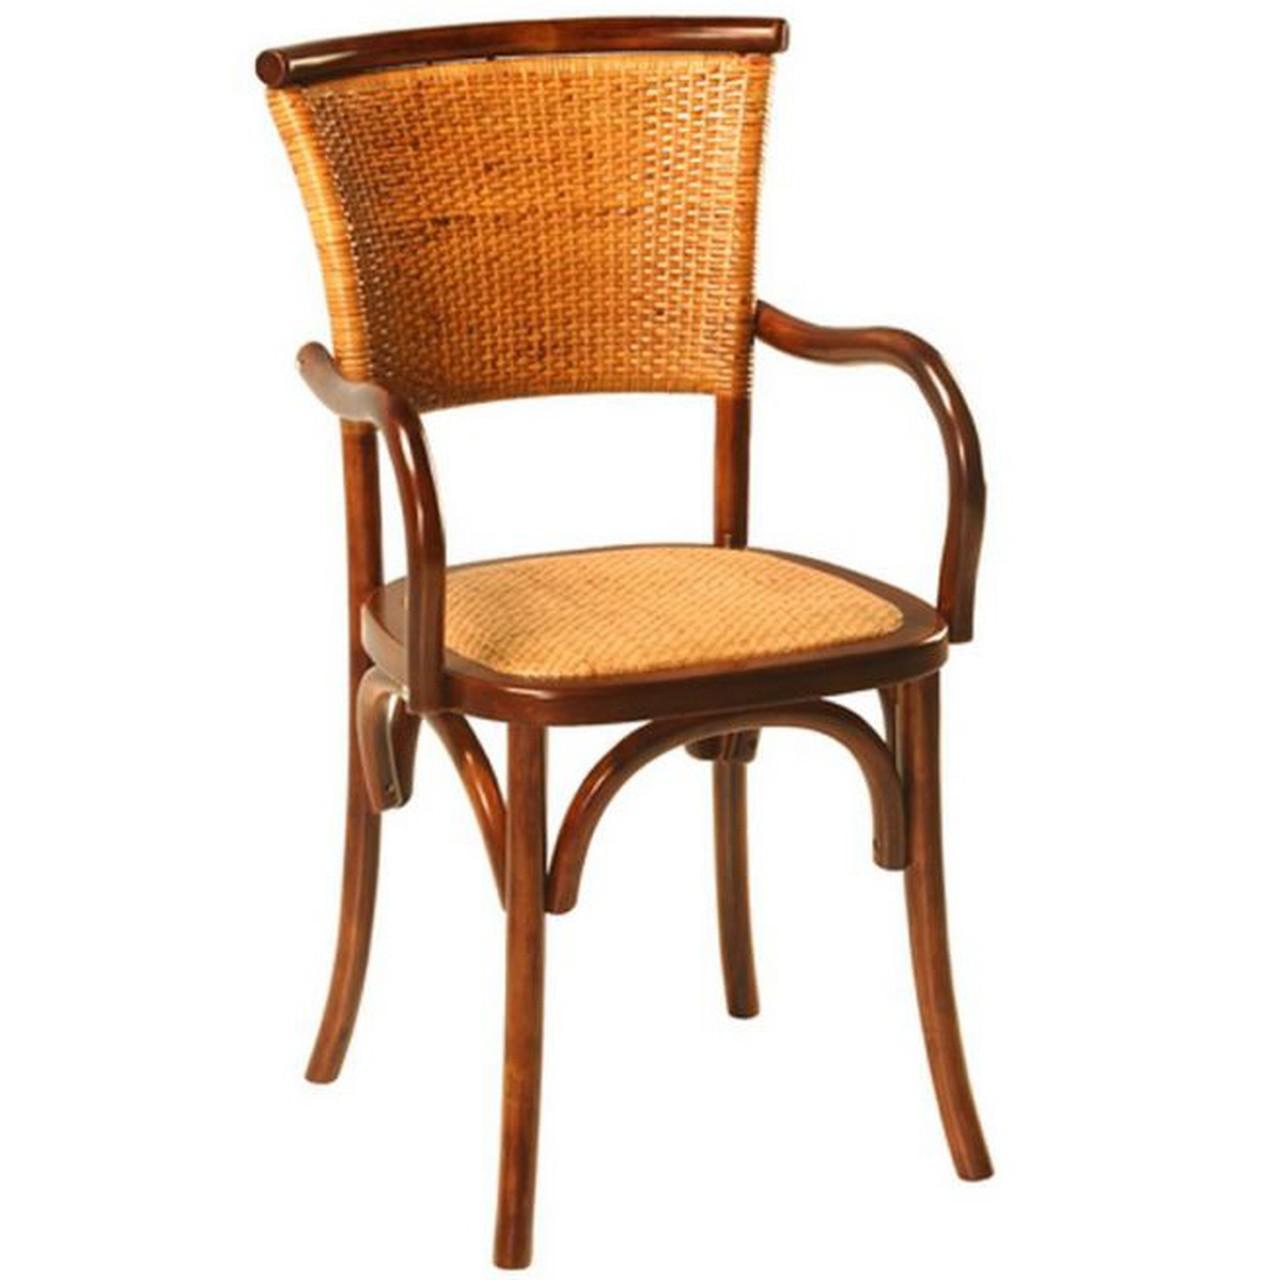 Cadeira c/ Braços Paris Rattan Cód.: 25.176 RP